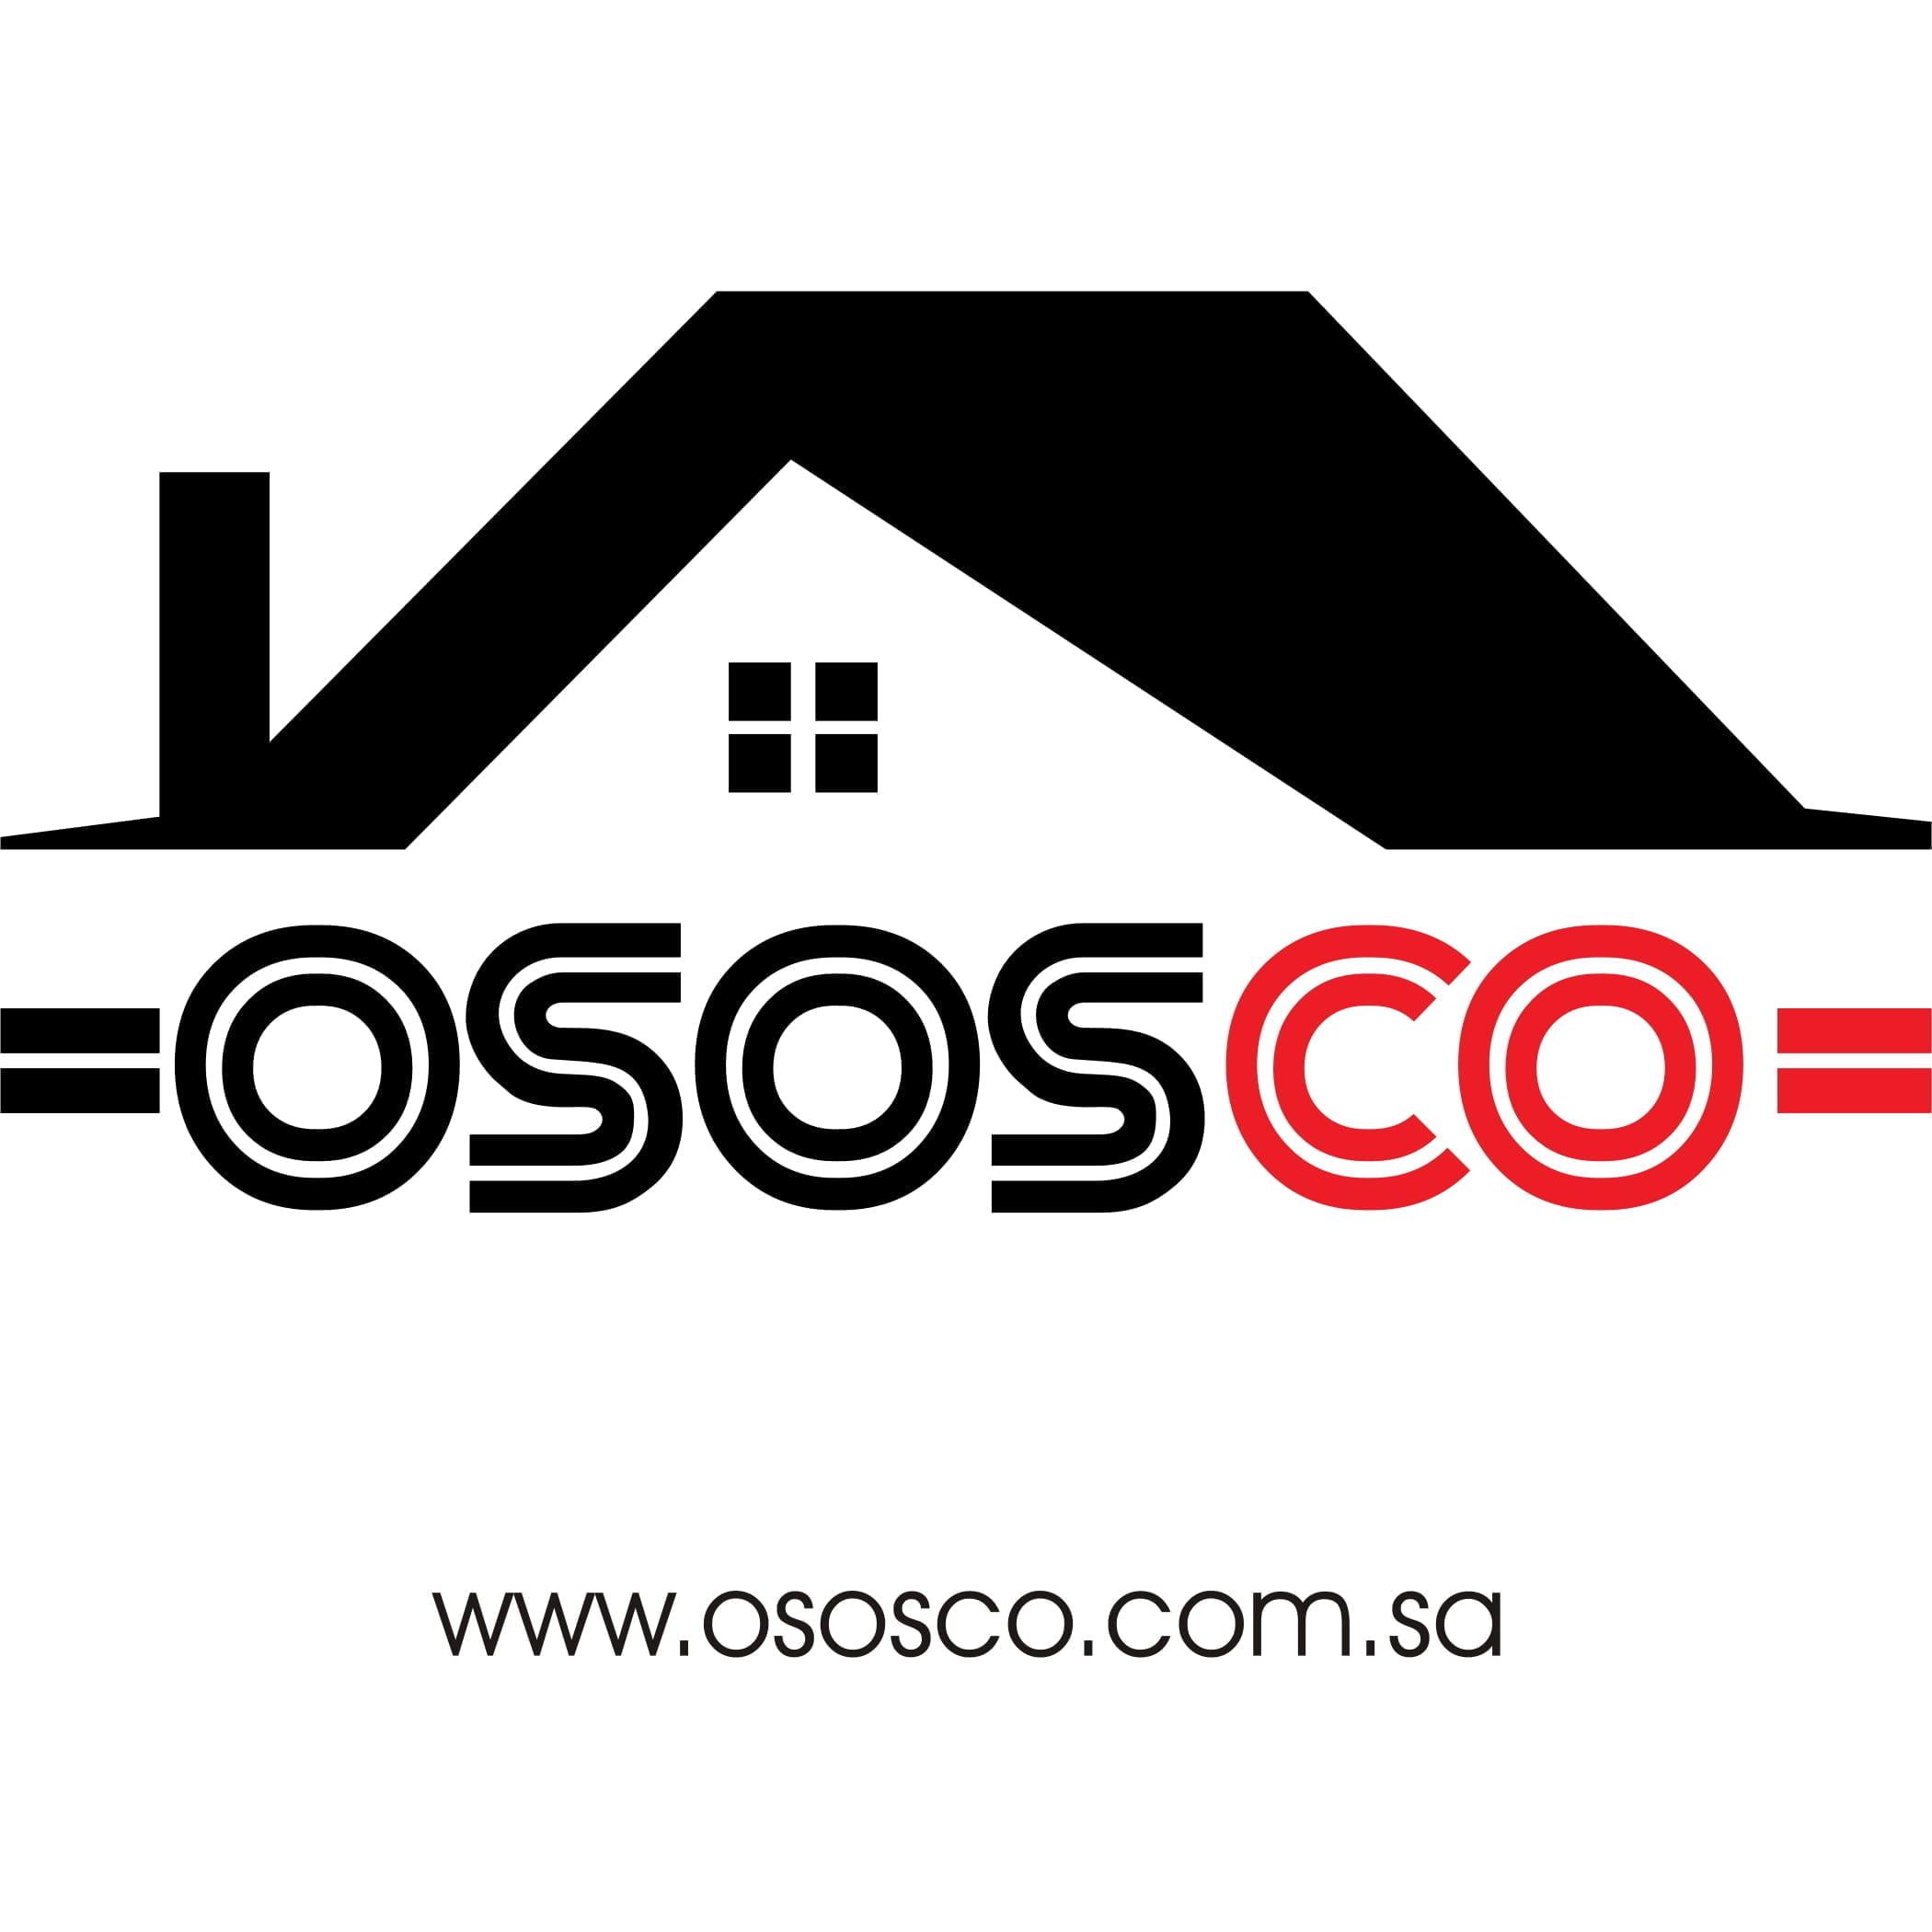 ososco logo